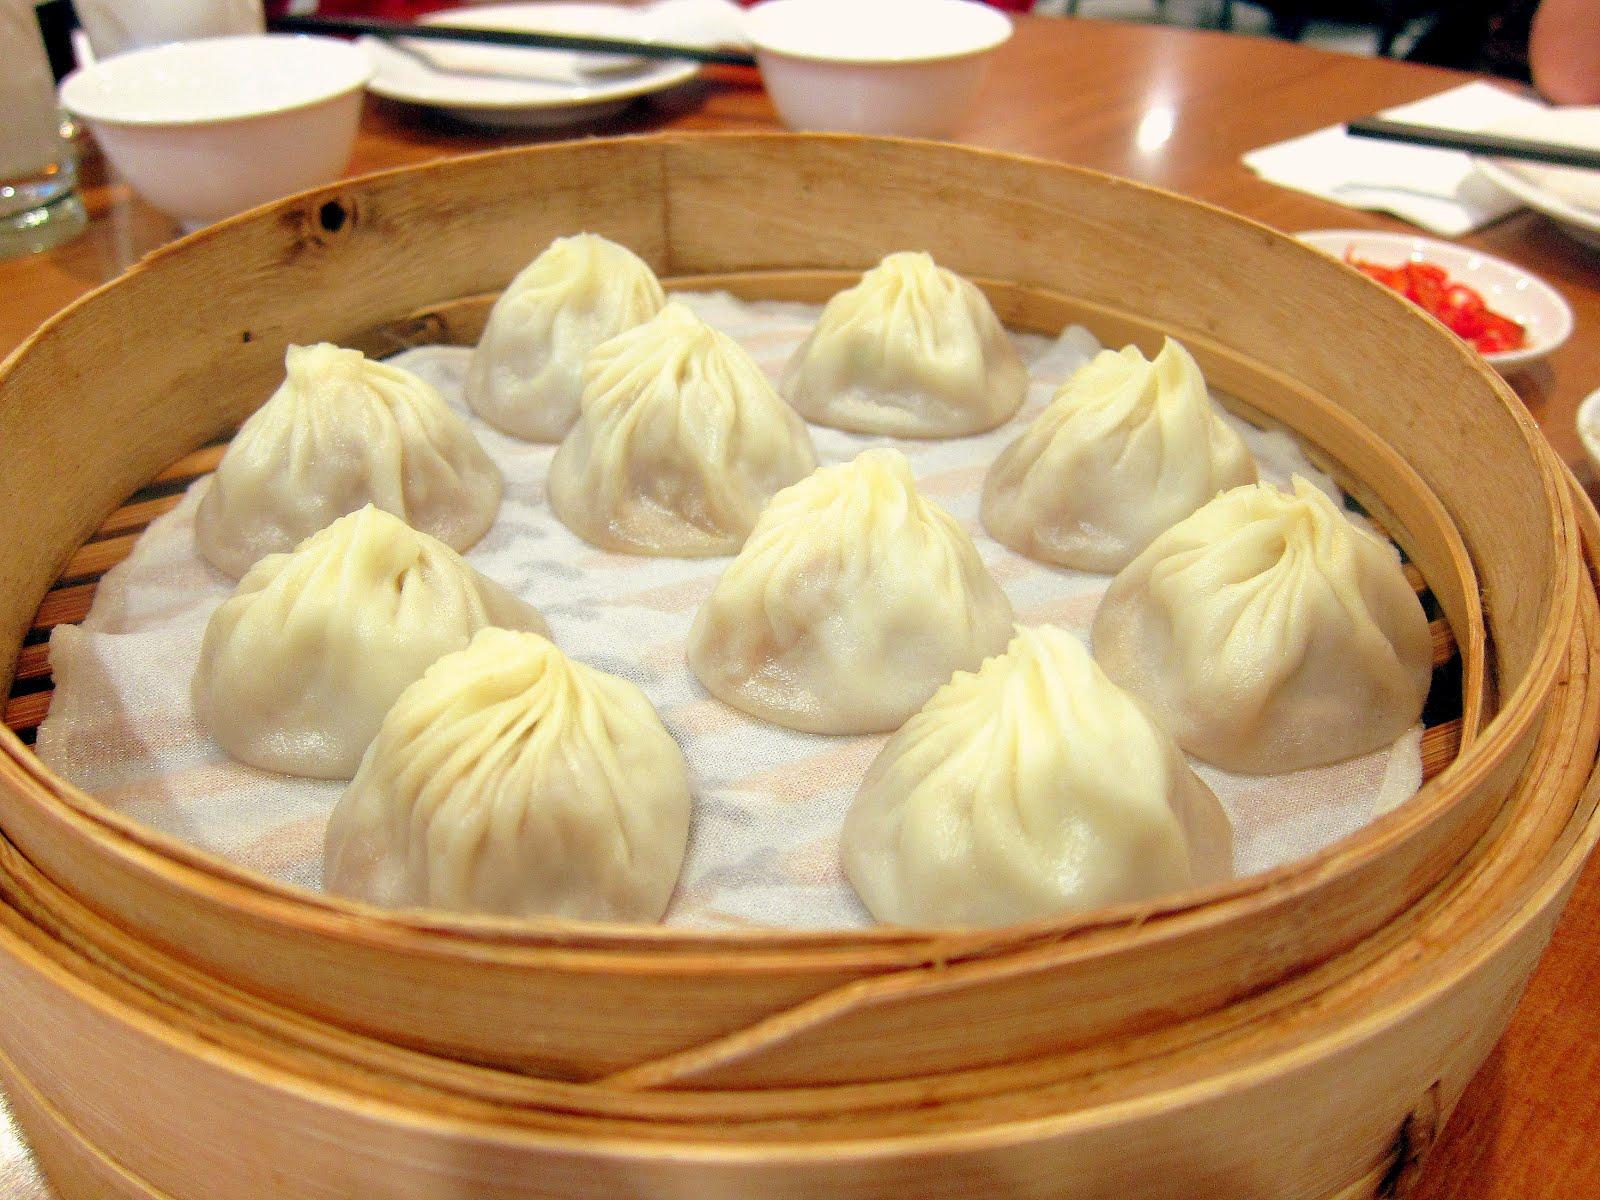 ding tai fung Menu signature xiao long bao has been making waves in the world.